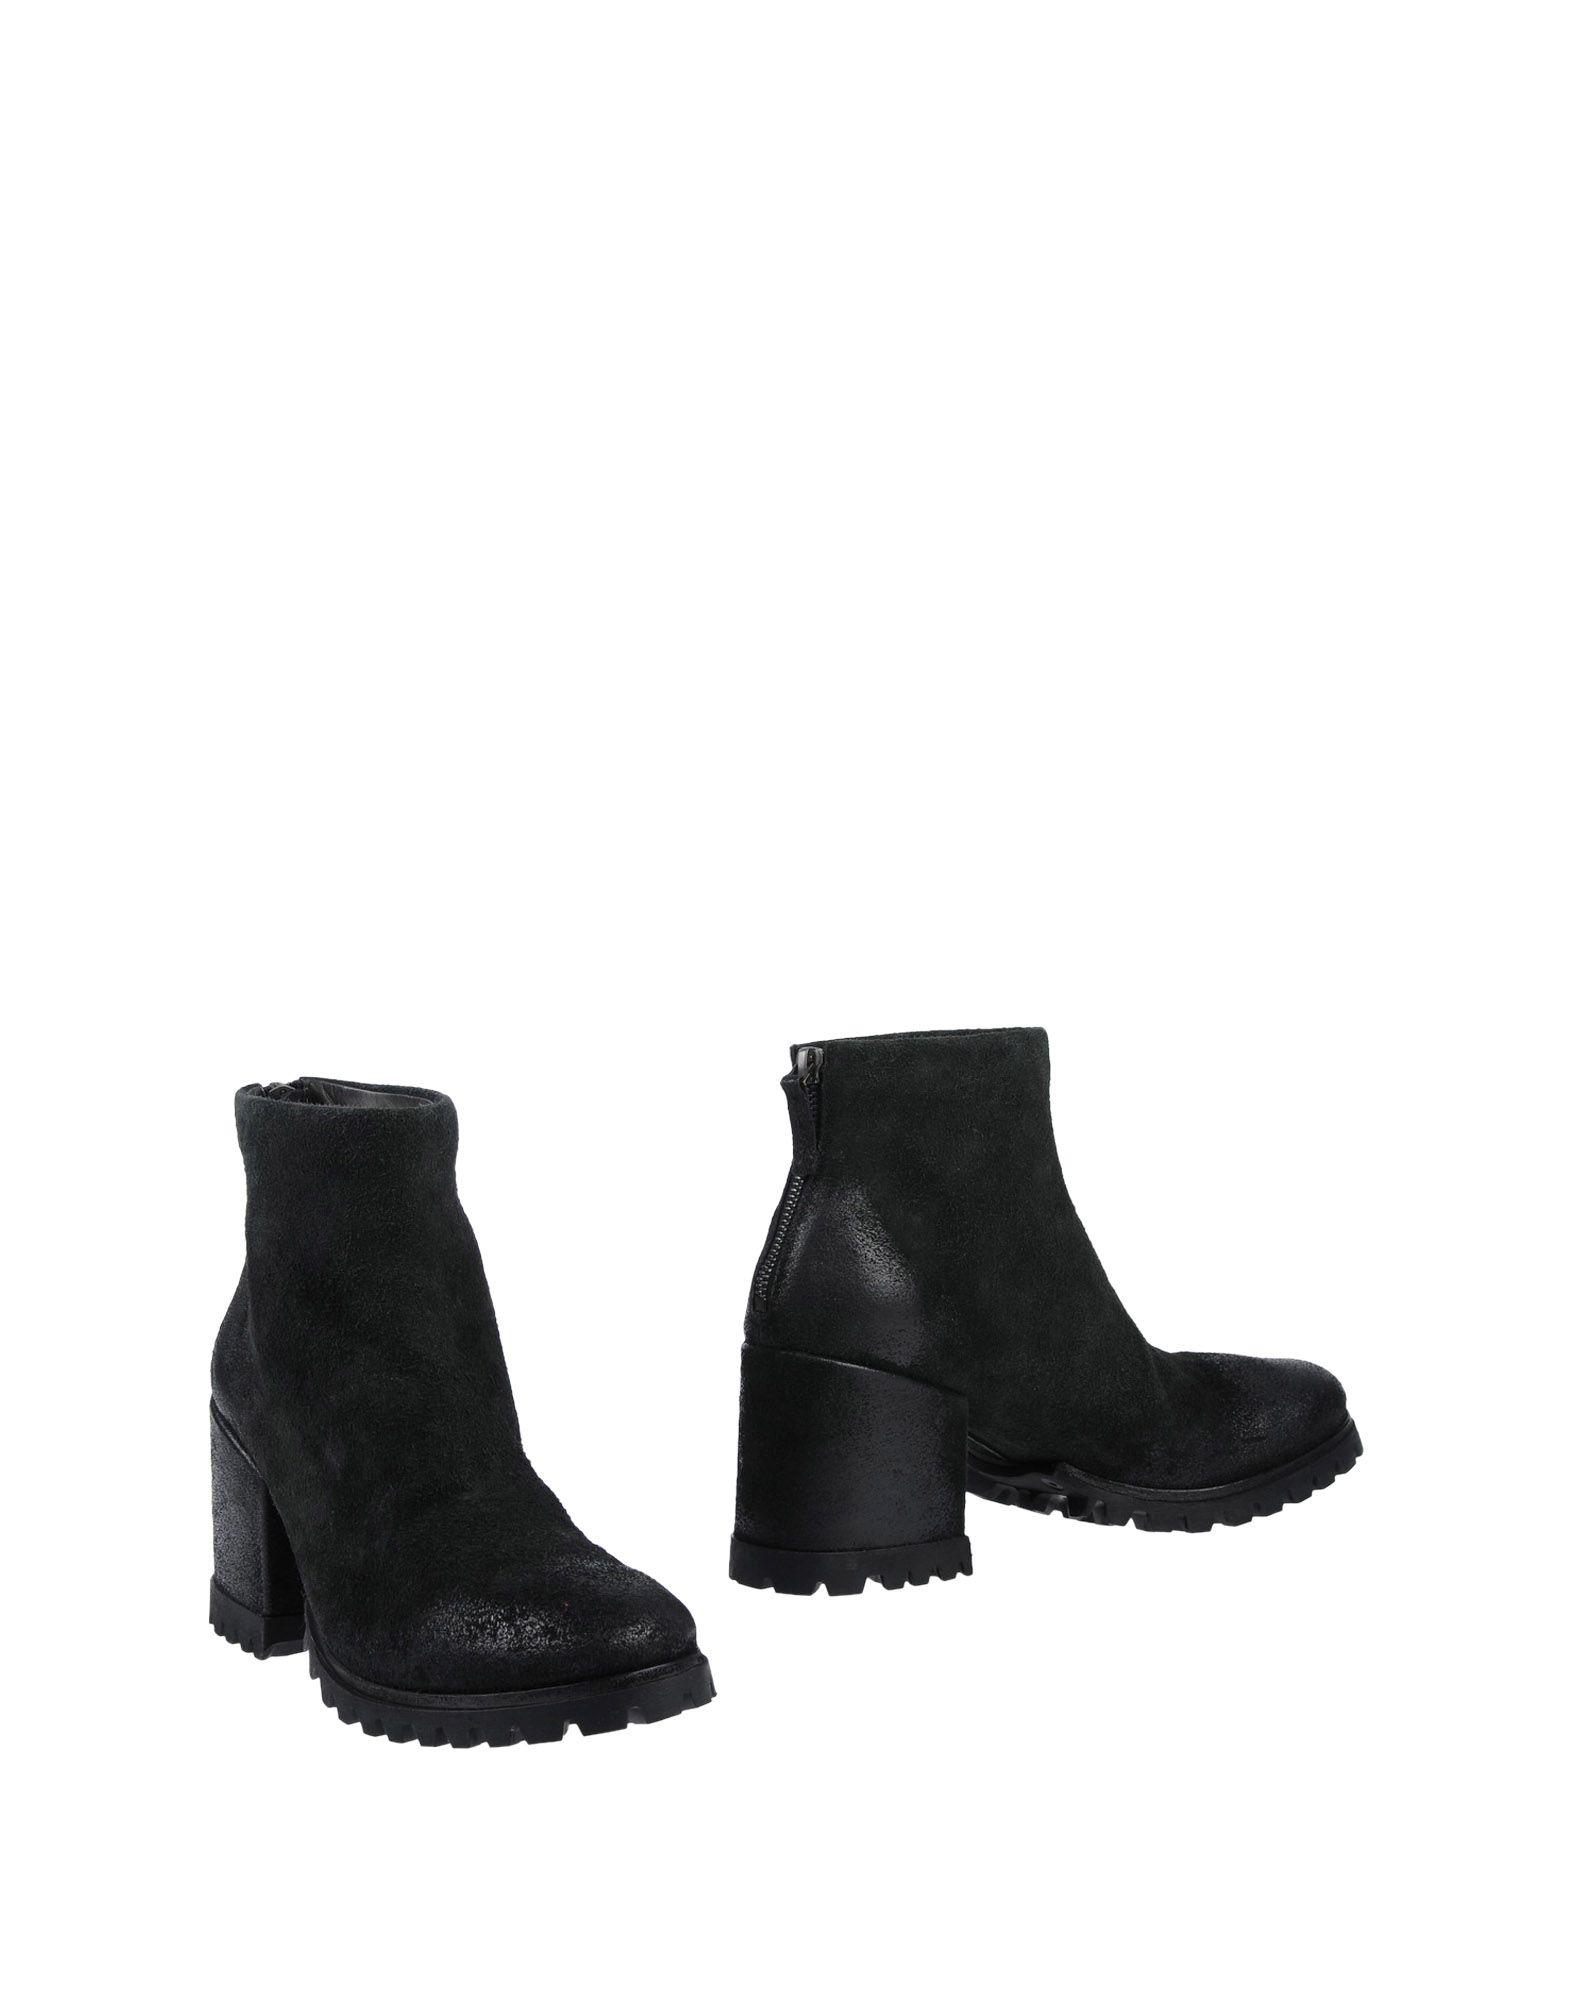 Marsèll Stiefelette Damen Schuhe  11469949DUGünstige gut aussehende Schuhe Damen 894323